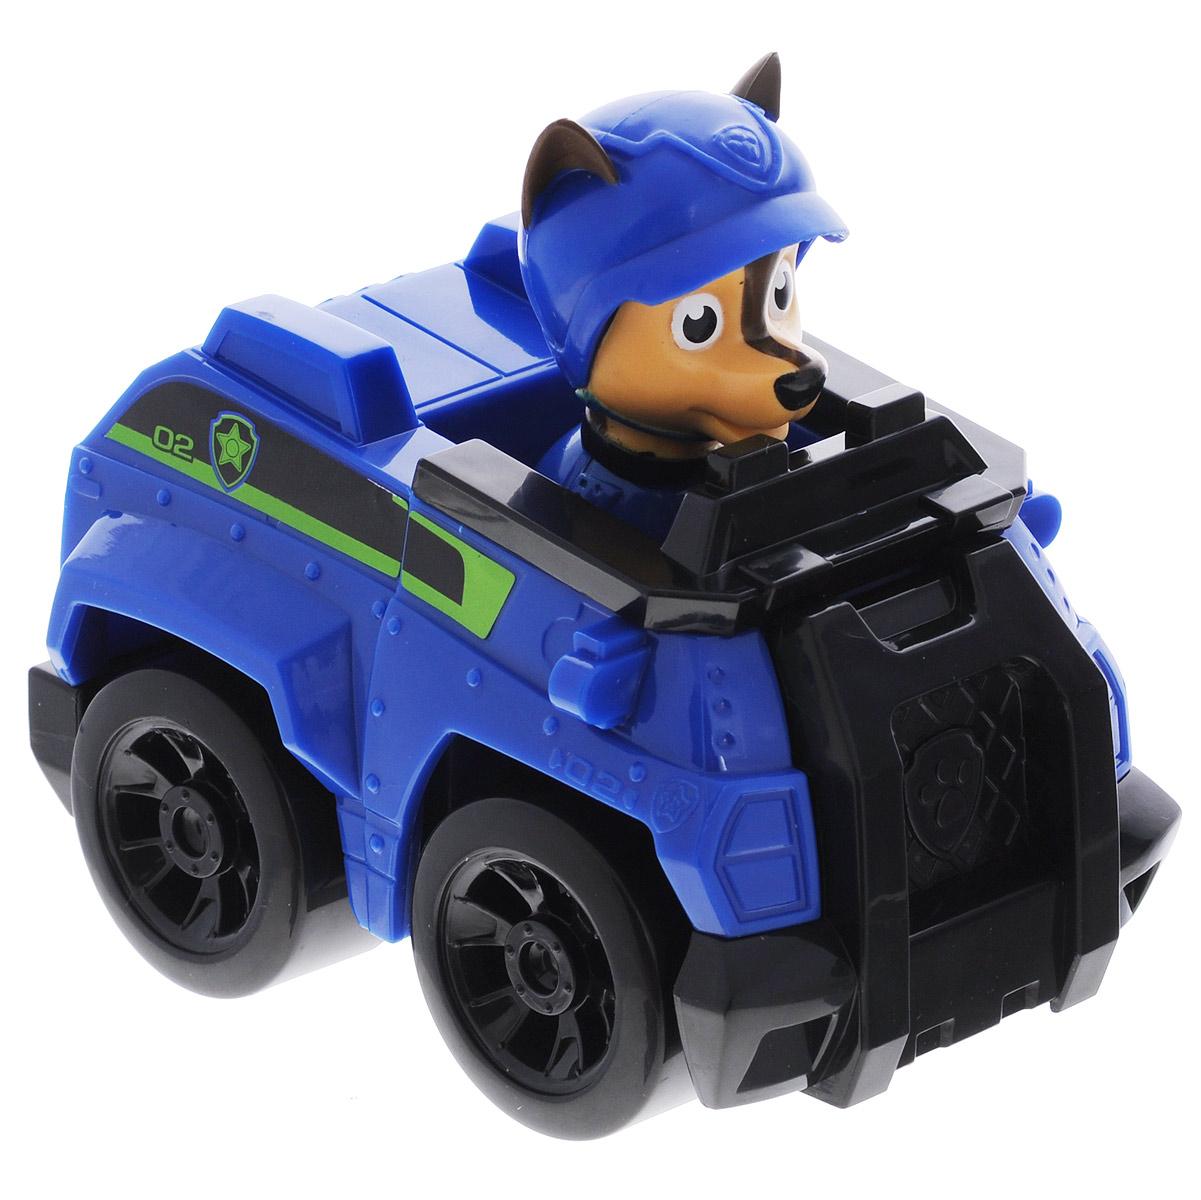 Игрушка Щенячий патруль Машинка спасателя. Chase16605 Chase Police CruiserИгрушка Щенячий патруль Машинка спасателя. Chase выполнена из прочного пластика в виде полицейской машины, которой управляет собачка Чейз - персонаж мультсериала Paw Patrol (Собачий патруль). Фигурка собачки не снимается с игрушки. Благодаря подвижным колесикам ребенок сможет катать машинку.